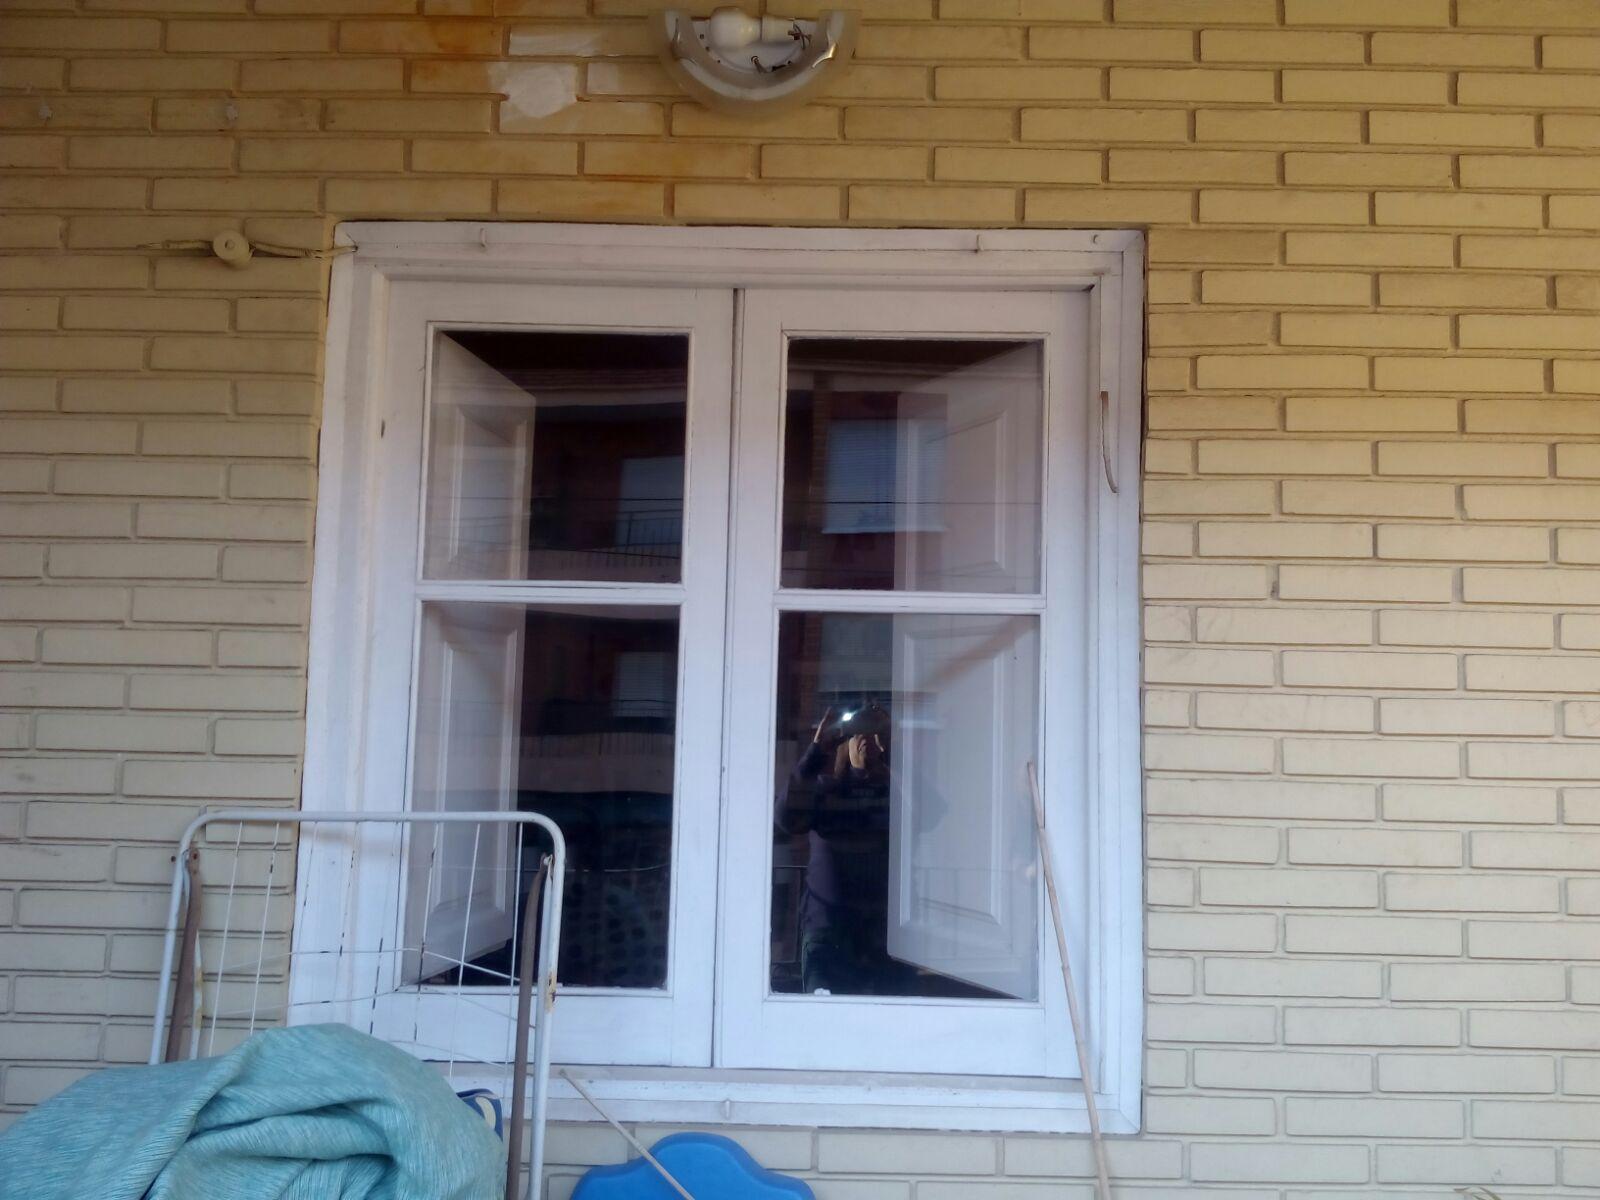 El balc n de irma plantukis for Tapar barandilla balcon